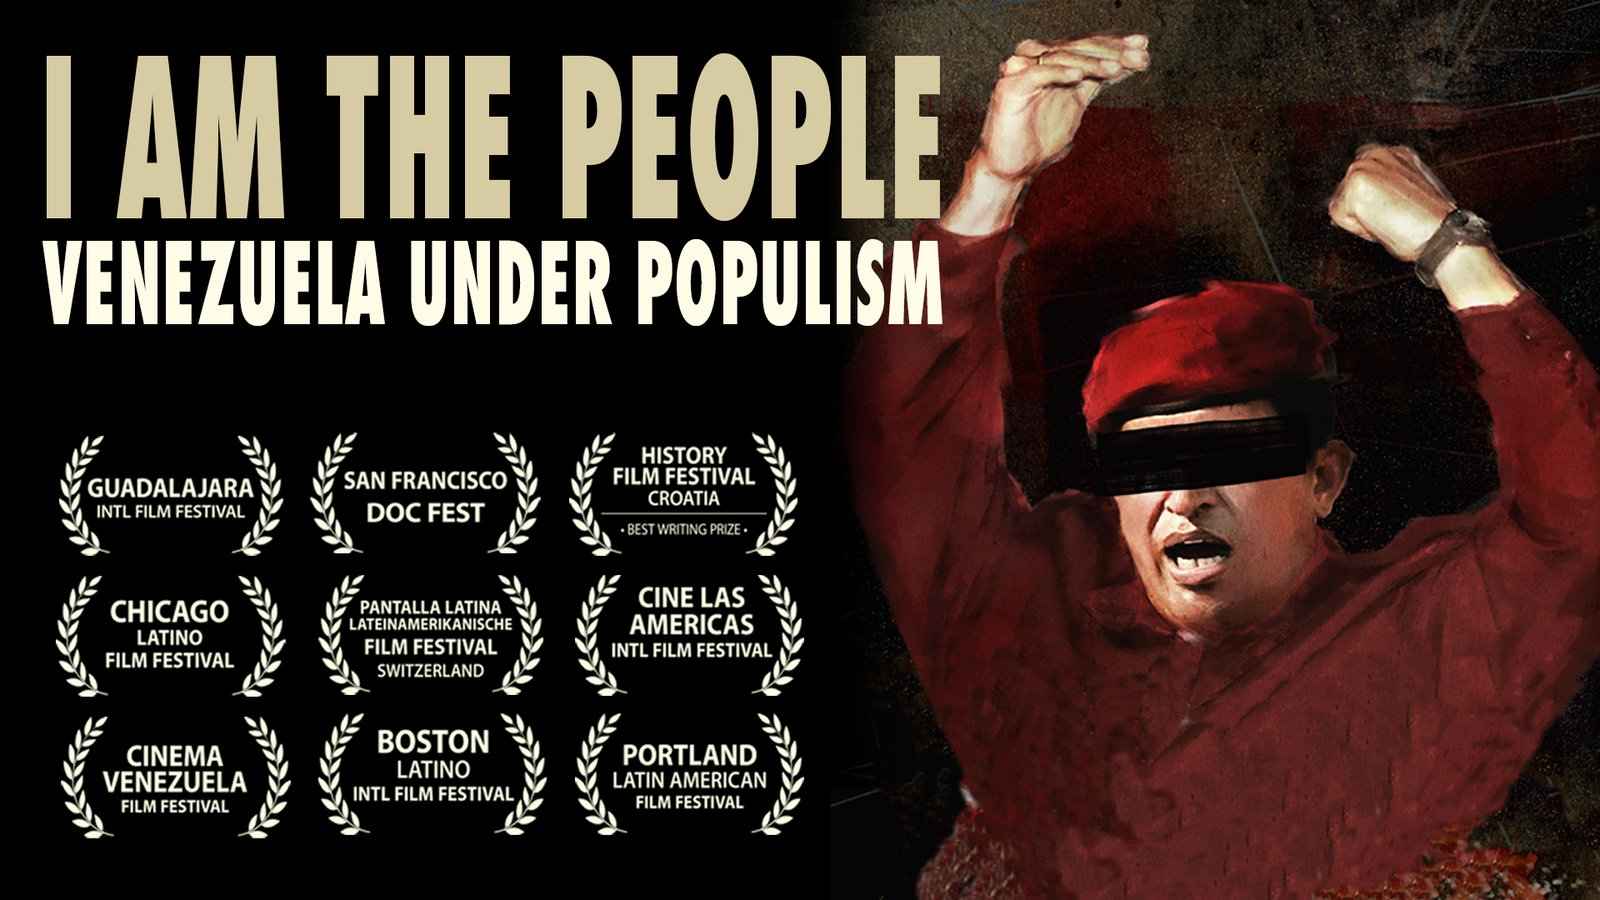 I Am the People - El Pueblo Soy Yo